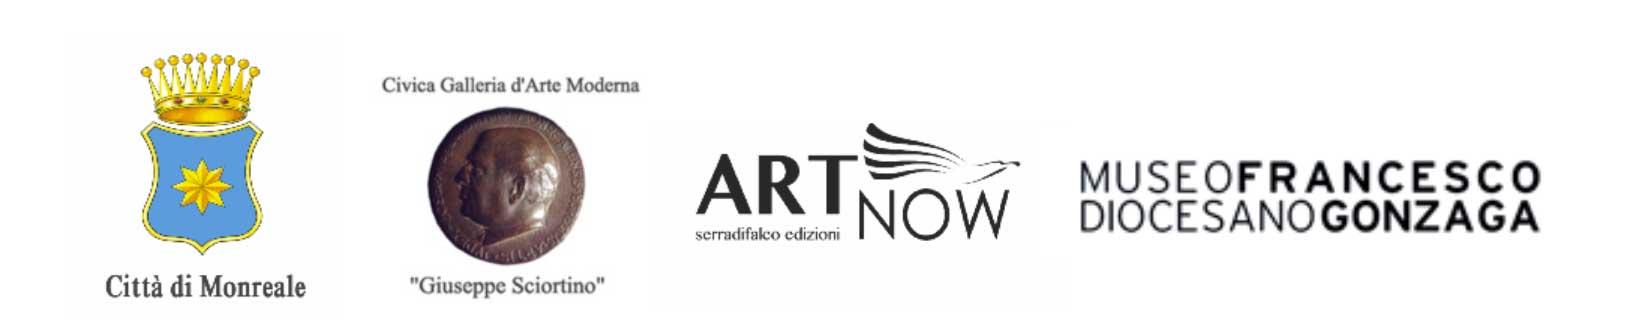 Col patrocinio del Comune di Monreale - Assessorato al Turismo e Beni Culturali. Organizzazione ART NOW PALERMO - Info: artnowmedia@gmail.com